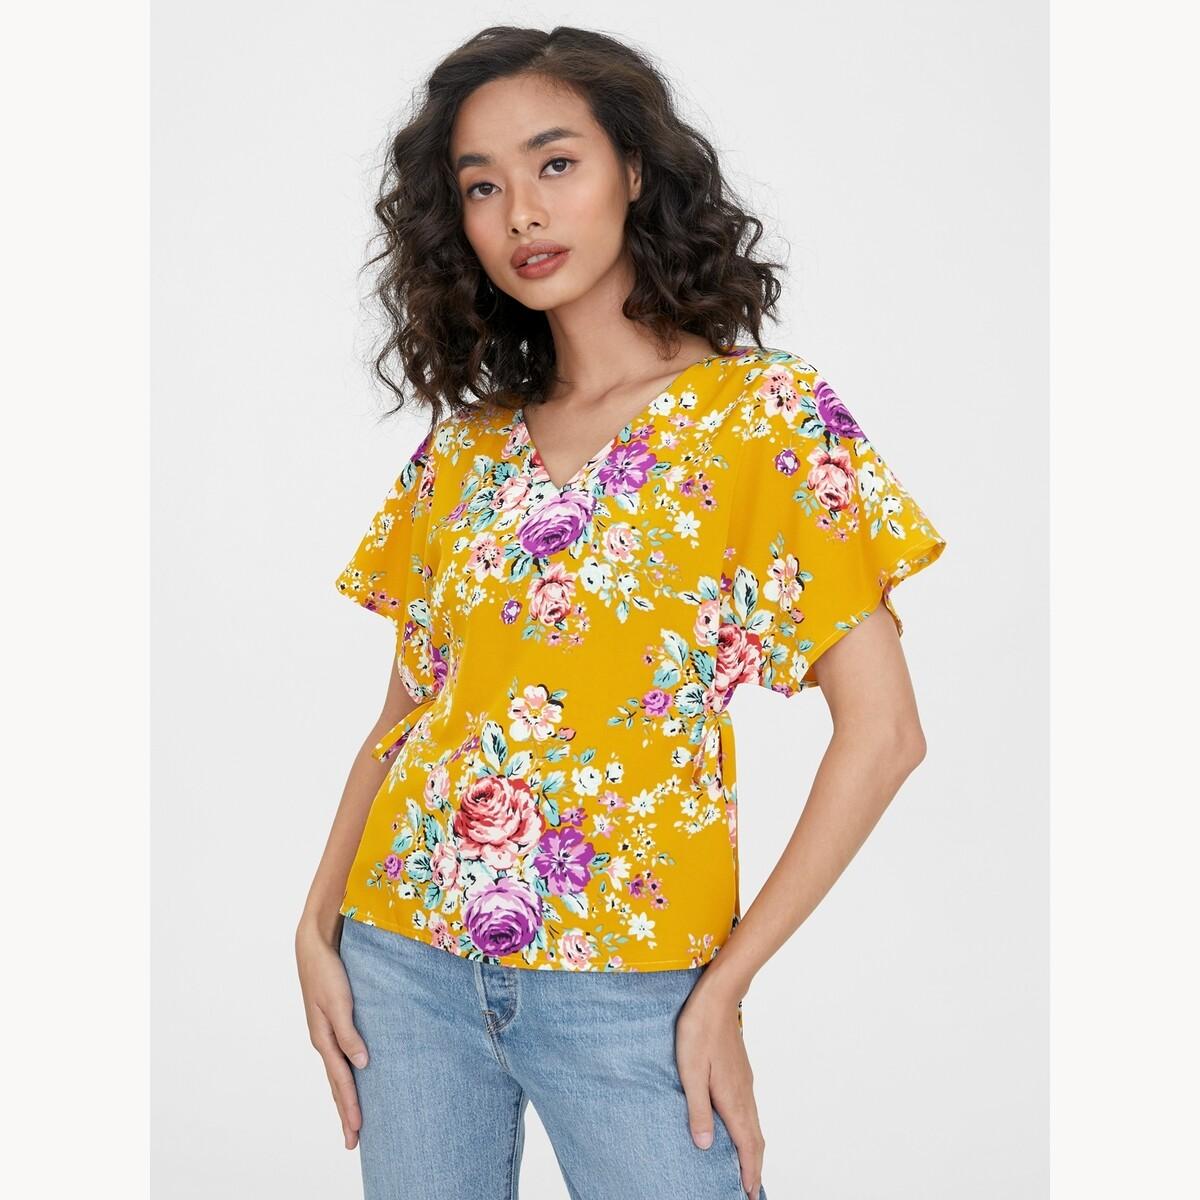 Pomelo เสื้อคอวีทรงปล่อยดีเทลกระดุมหน้าพิมพ์ลายดอกไม้ เสื้อตัวยาว ผู้หญิง.